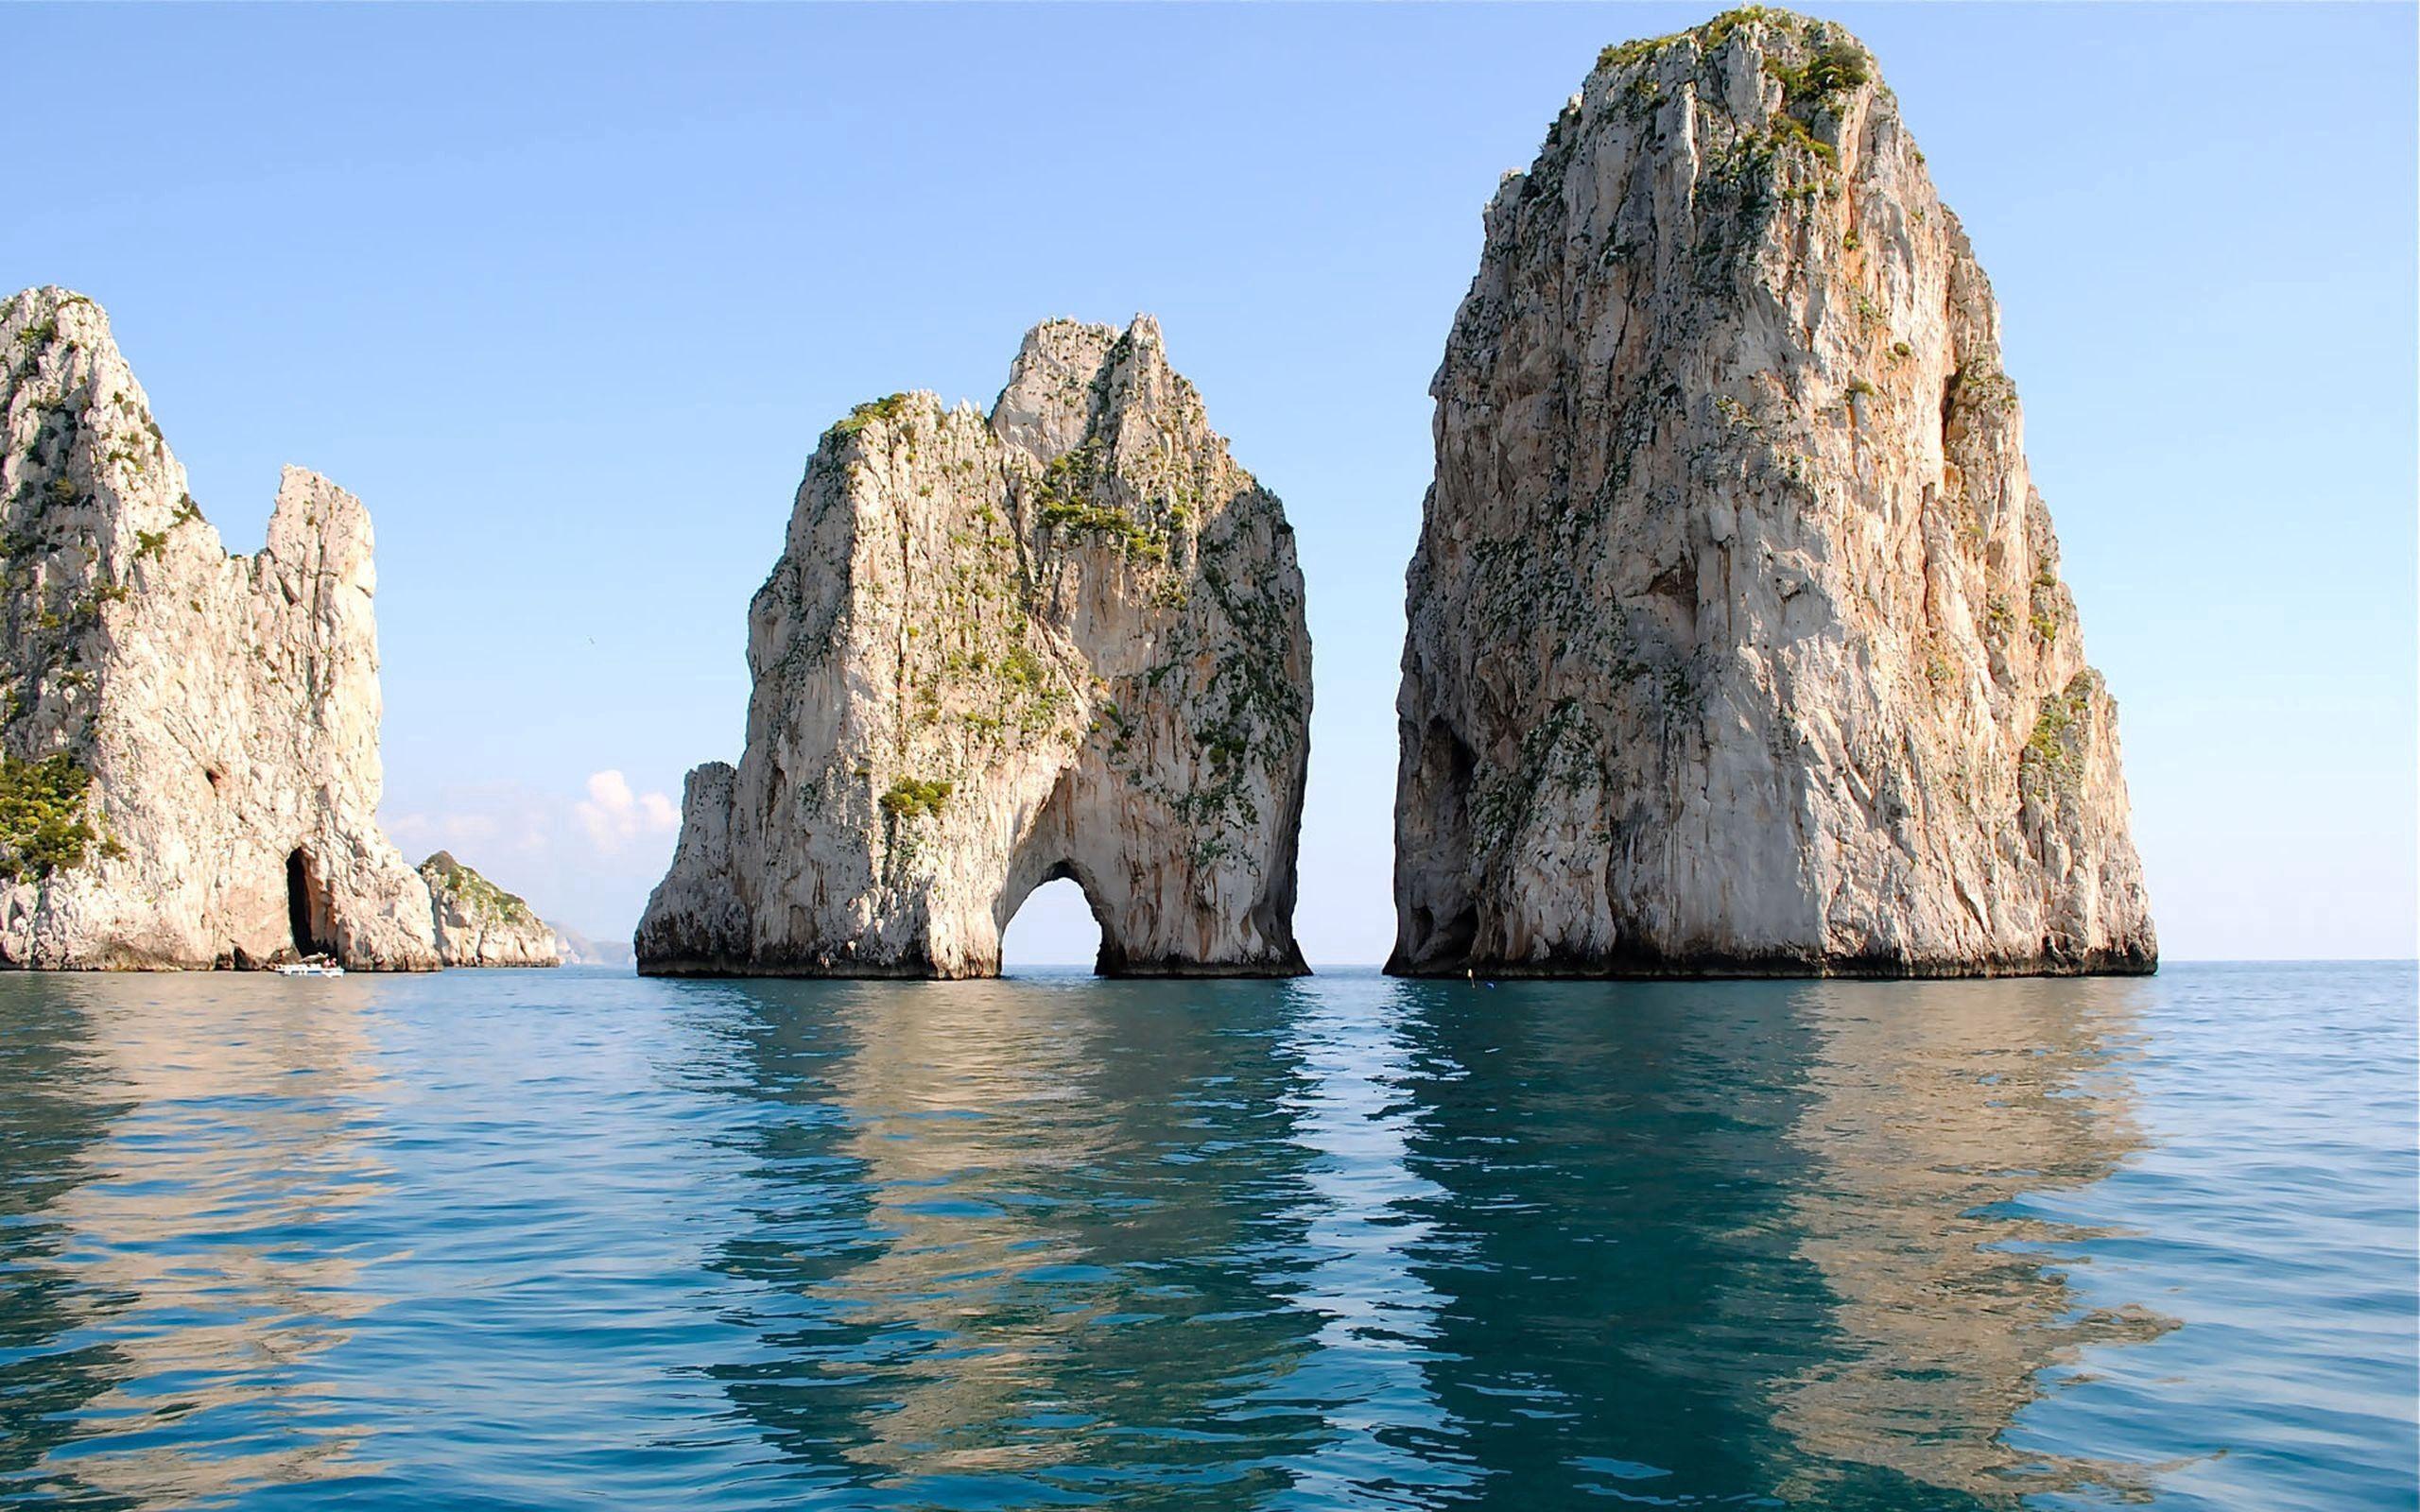 134378 Hintergrundbild herunterladen Stones, Natur, Sea, Sommer, Ufer, Bank - Bildschirmschoner und Bilder kostenlos